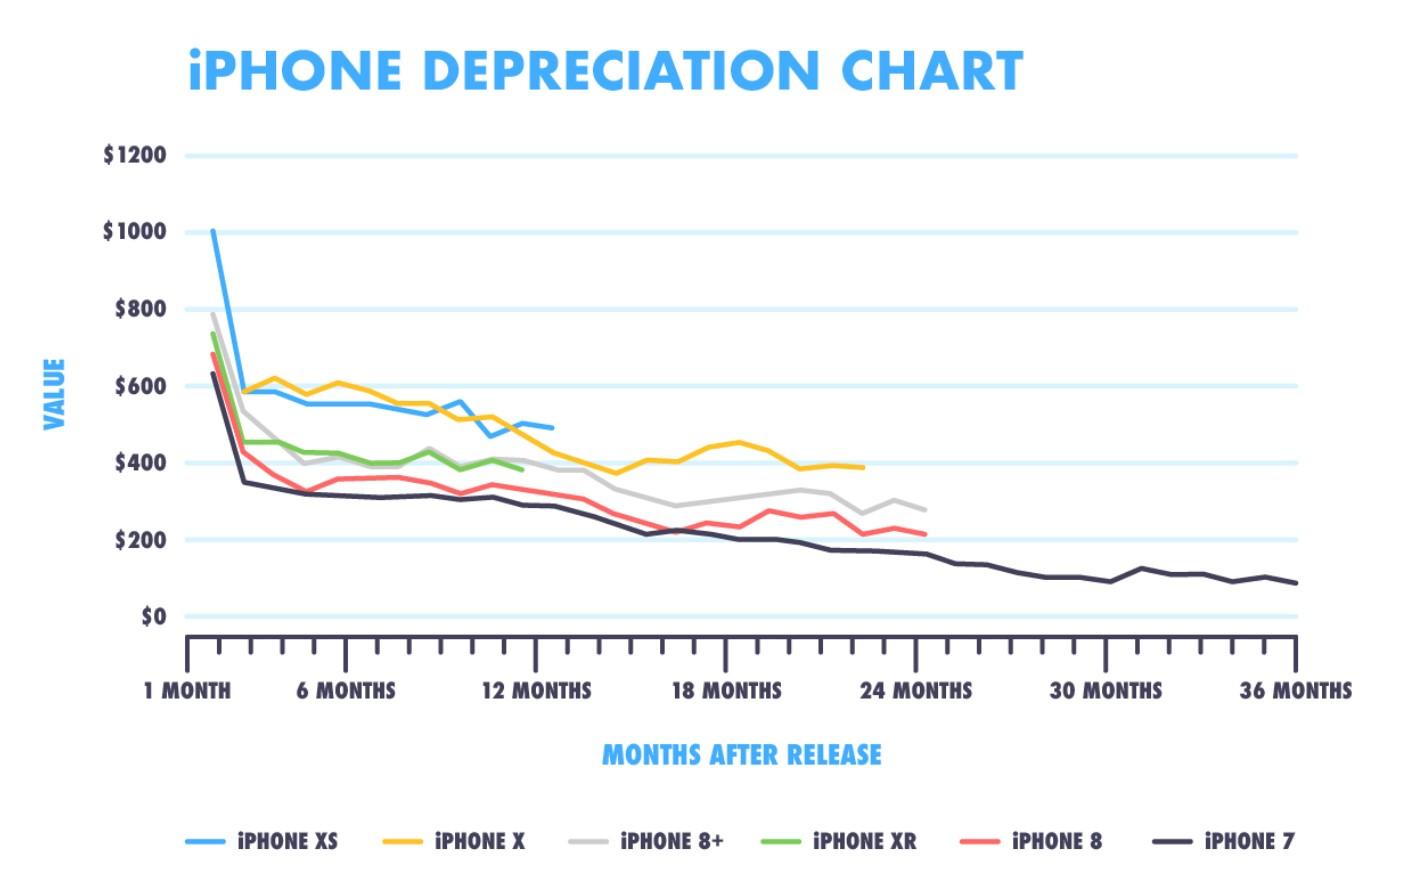 Po premierze nowego iPhone'a wartość poprzednich modeli może spaść o nawet 30% 20